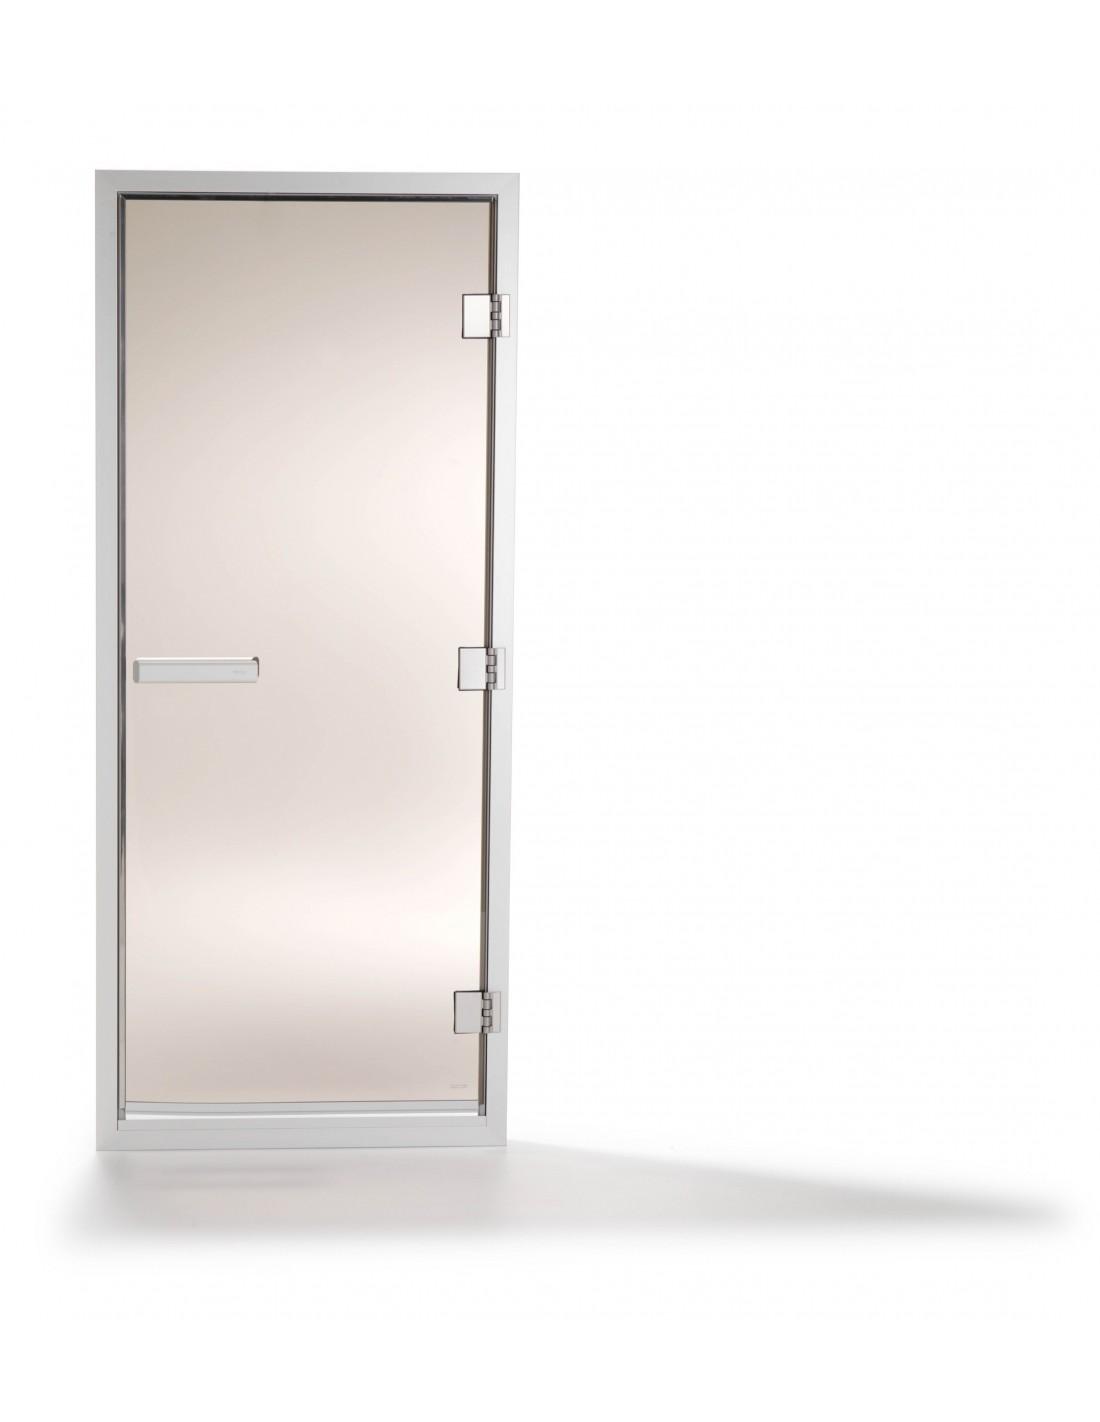 Puertas Para Baños De Vapor: un amigo puerta de baño de vapor 60g 2020 blanca puerta de baño de